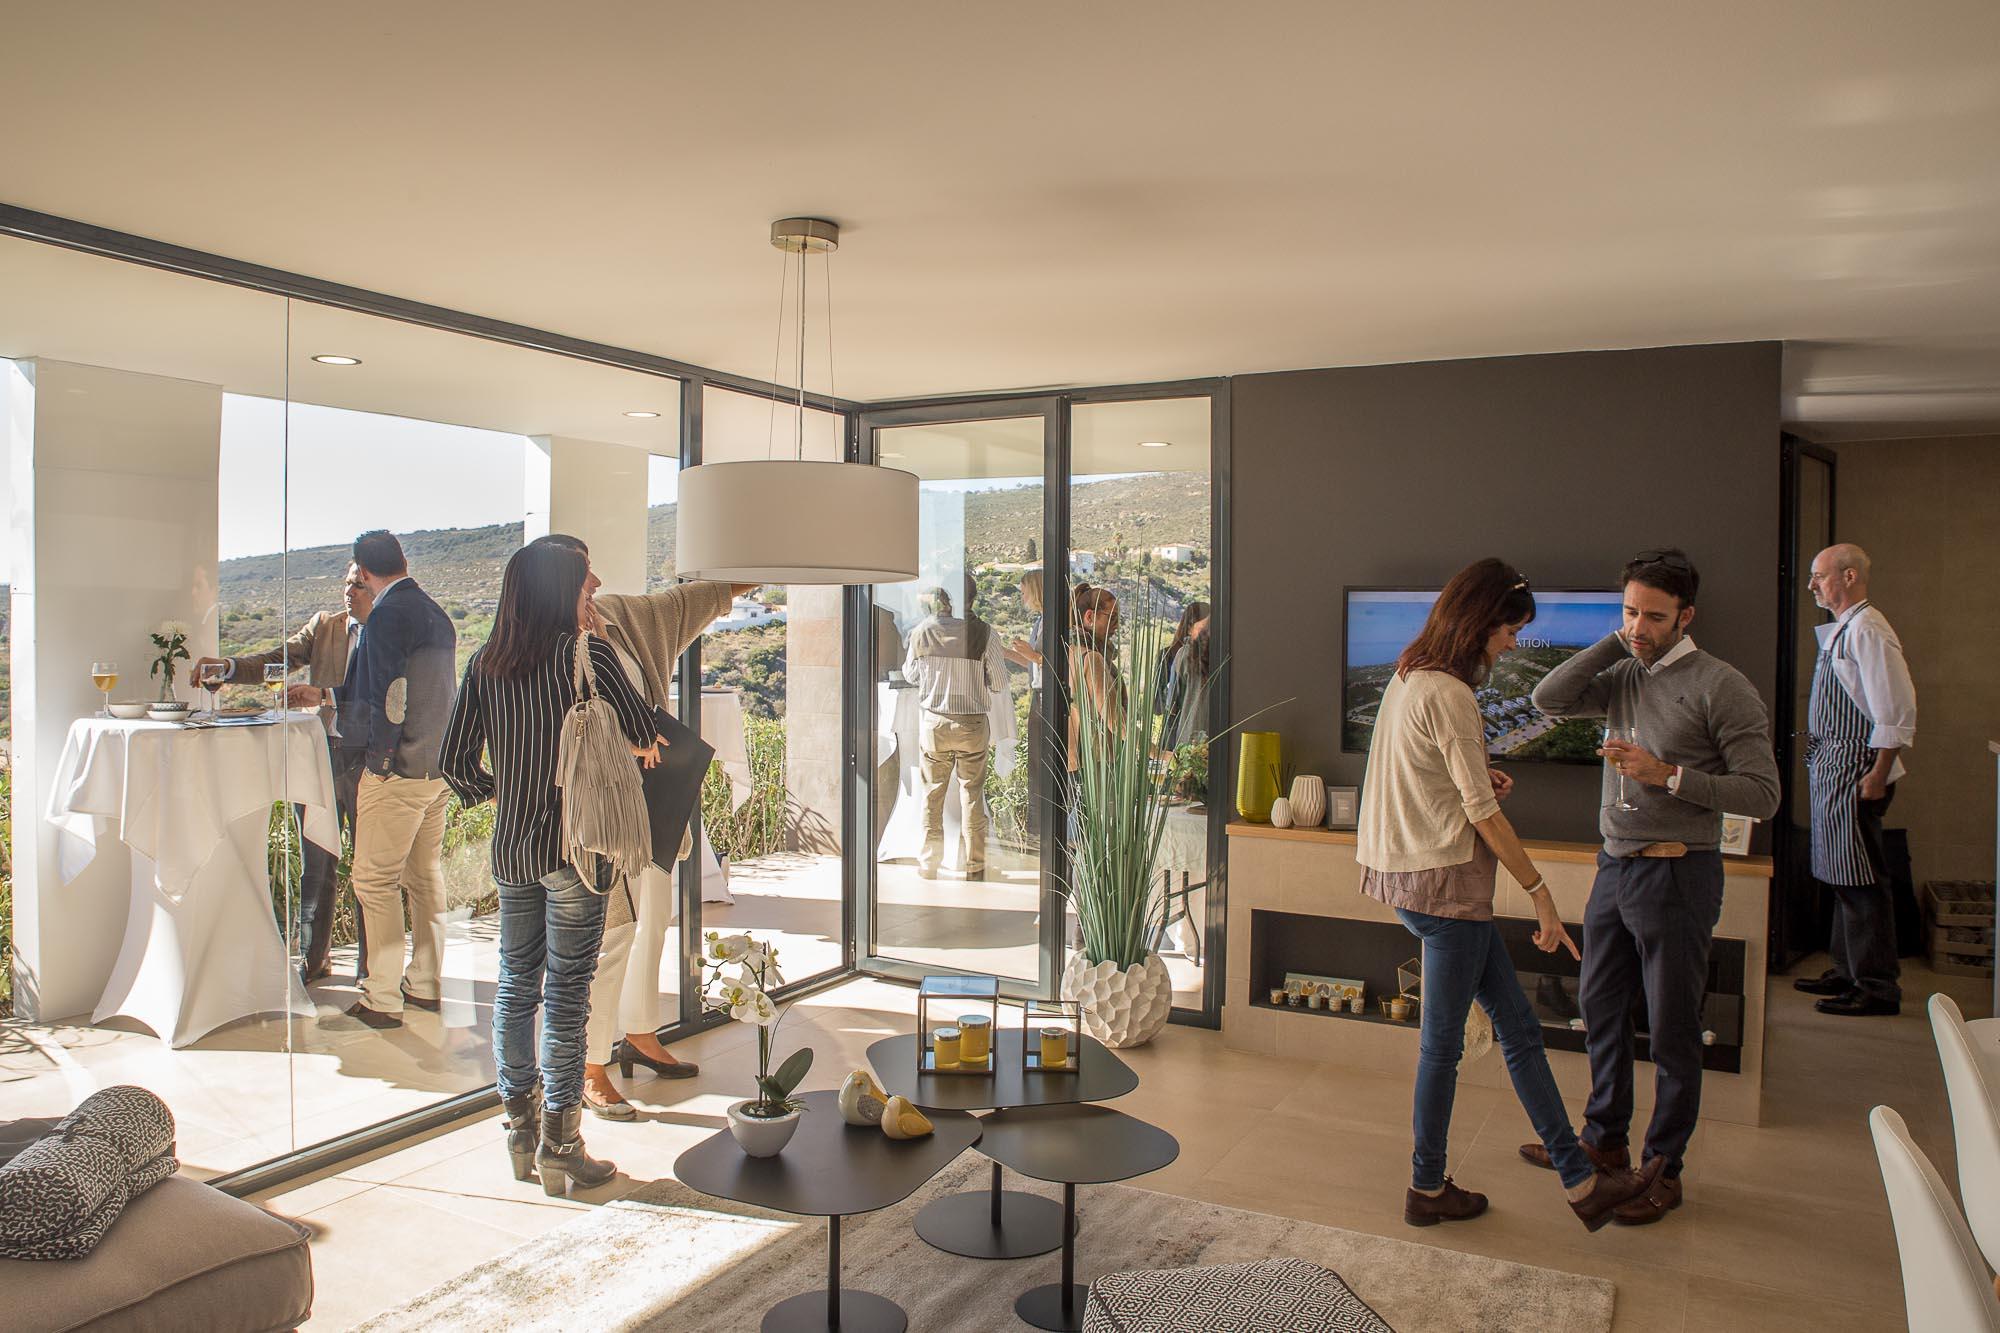 openhouse fotografo evento event photographer costa del sol marbella mijas benalmadena torremolinos fuengirola estepona sotogrande - Eventos - 🥇Fotografo de eventos en Marbella Malaga Fuengirola Sotogrande Banalmádena